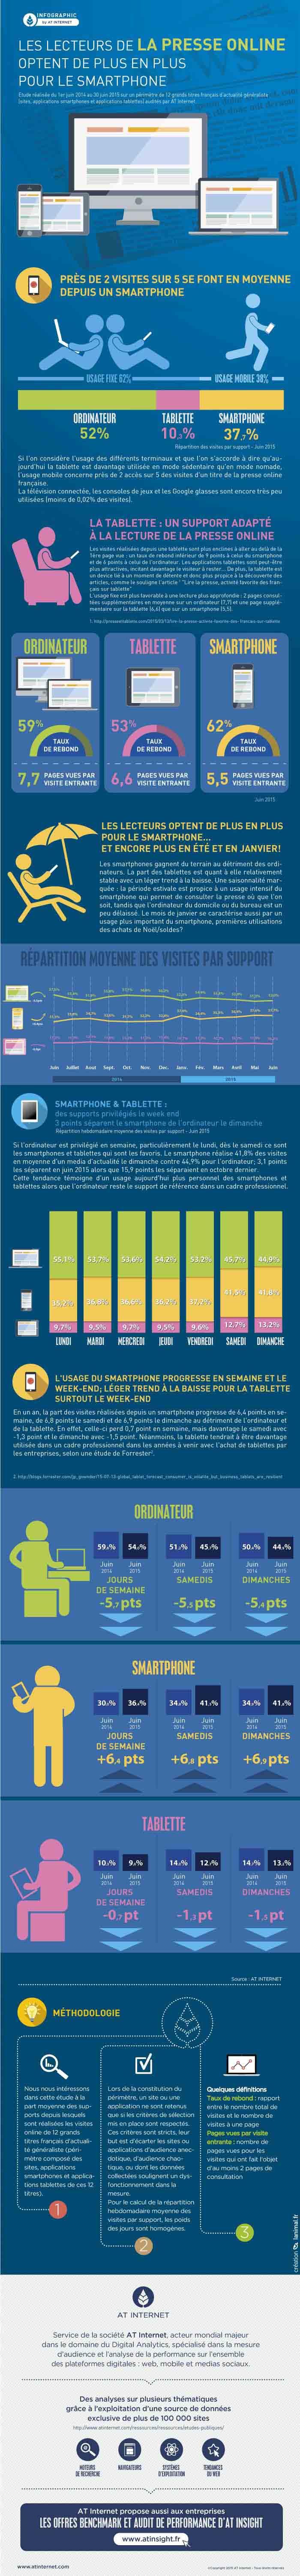 Infographic_PressDevice_Juin2015